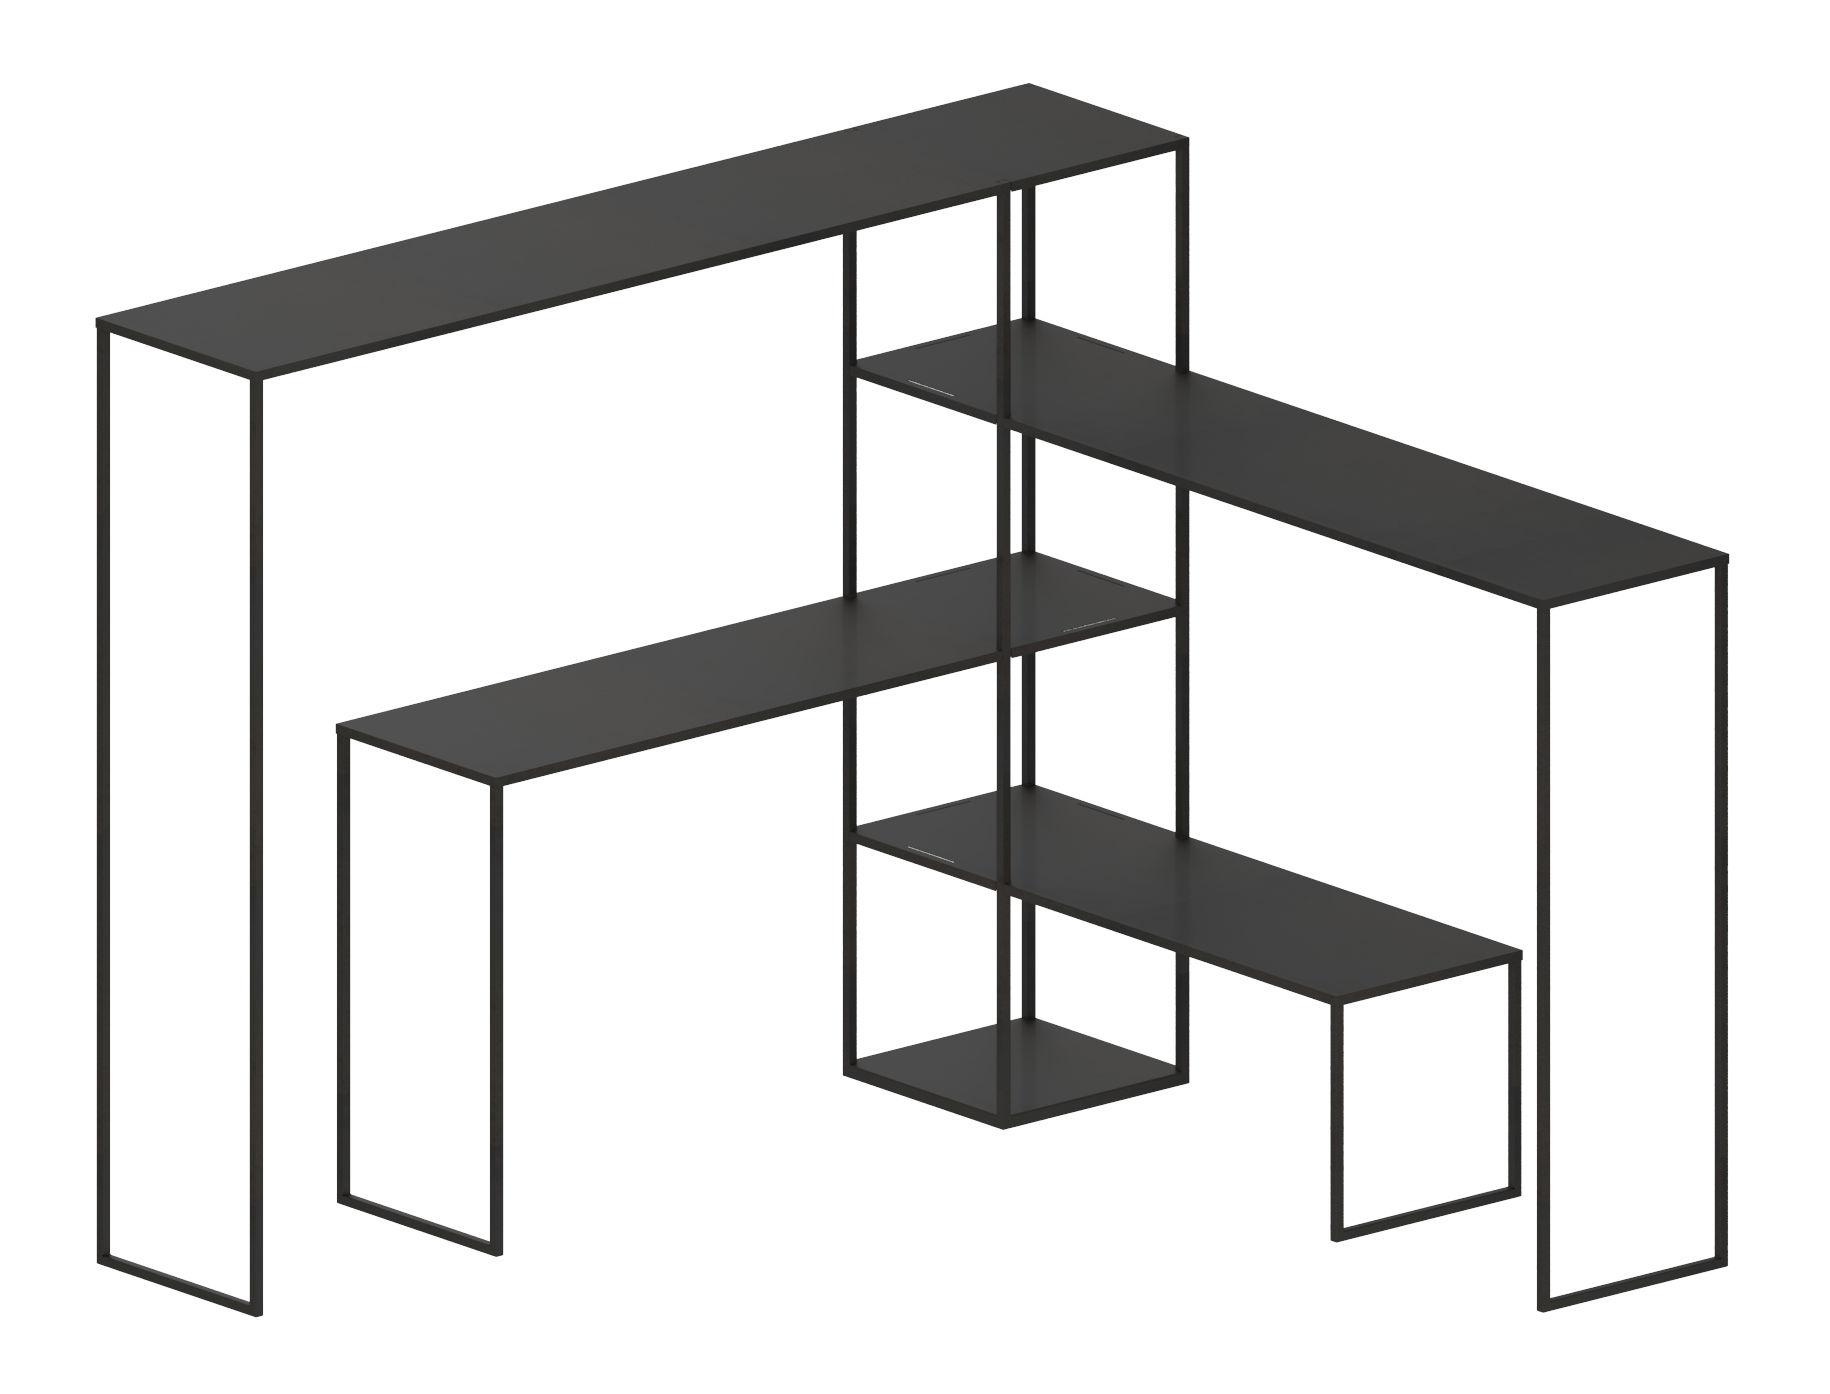 Arredamento - Scaffali e librerie - Scaffale Easy Bridge - / 4 piani modulabili - H 141 cm di Zeus - Nero ramato - Acciaio verniciato